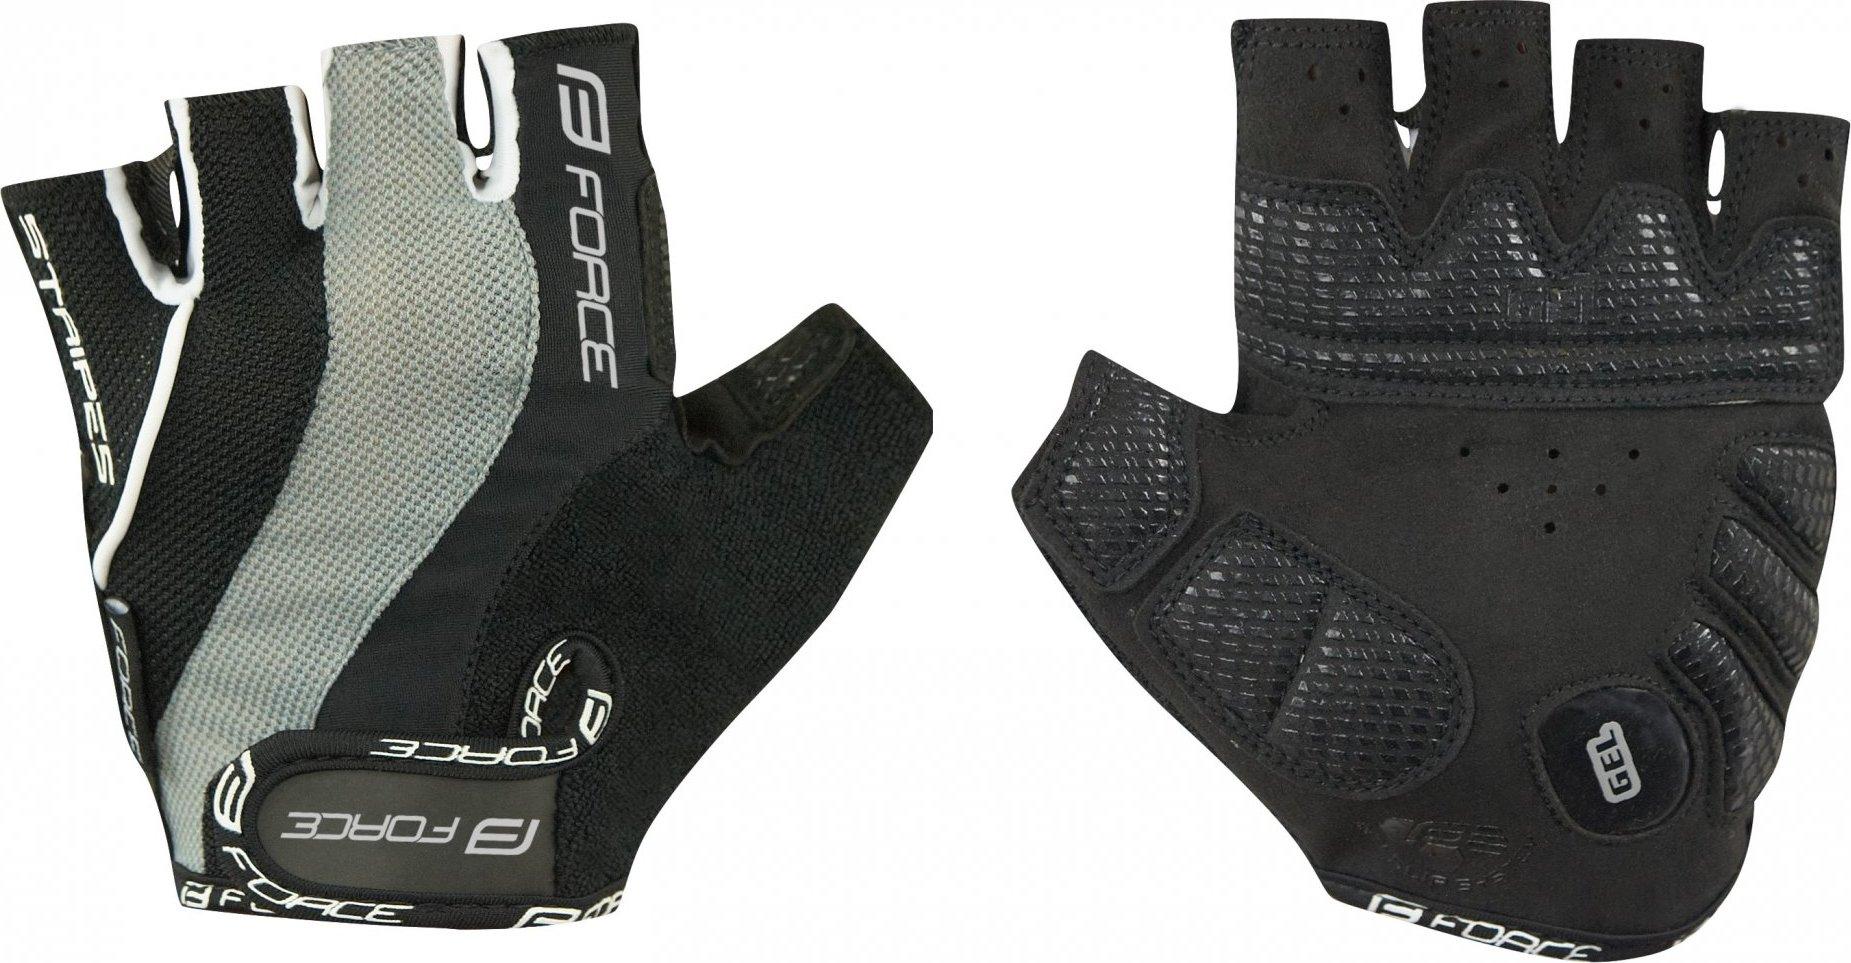 rukavice FORCE STRIPES gel, černé Velikost: M